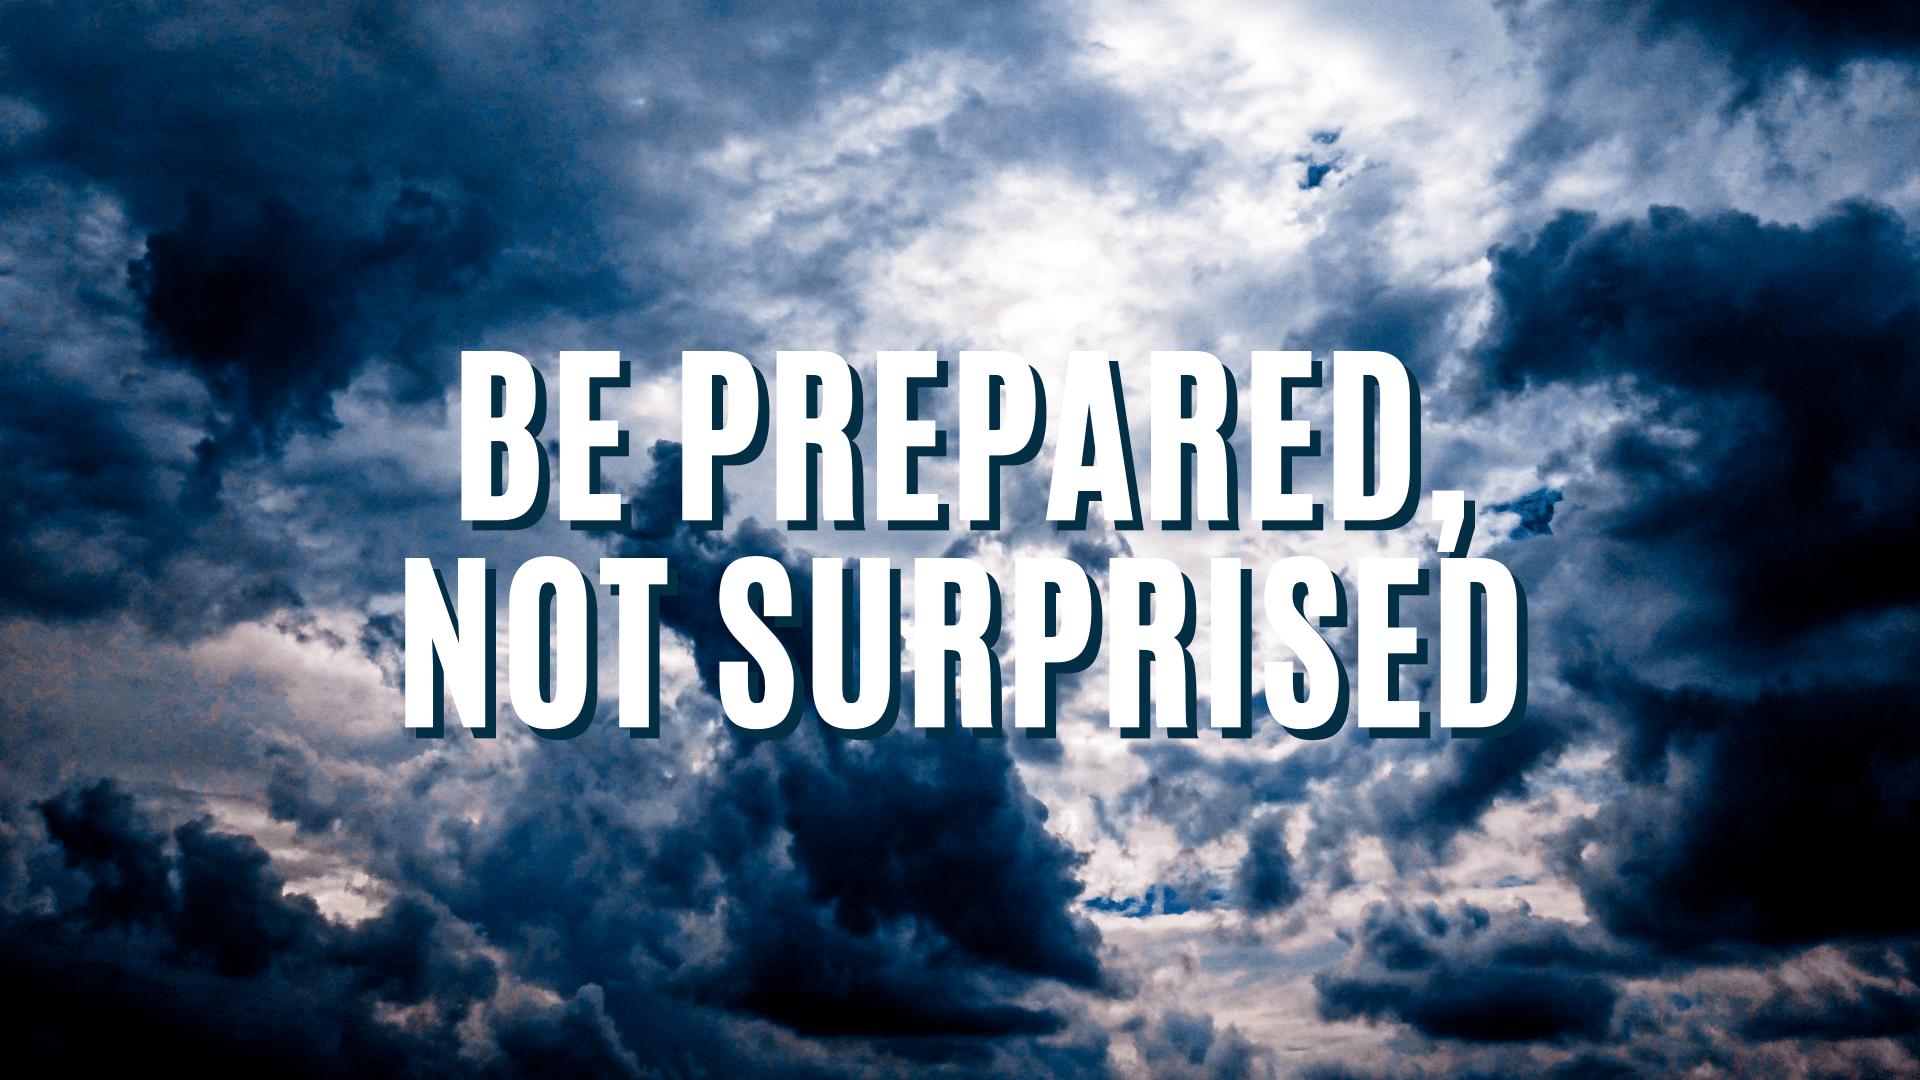 Be prepared, not surprised